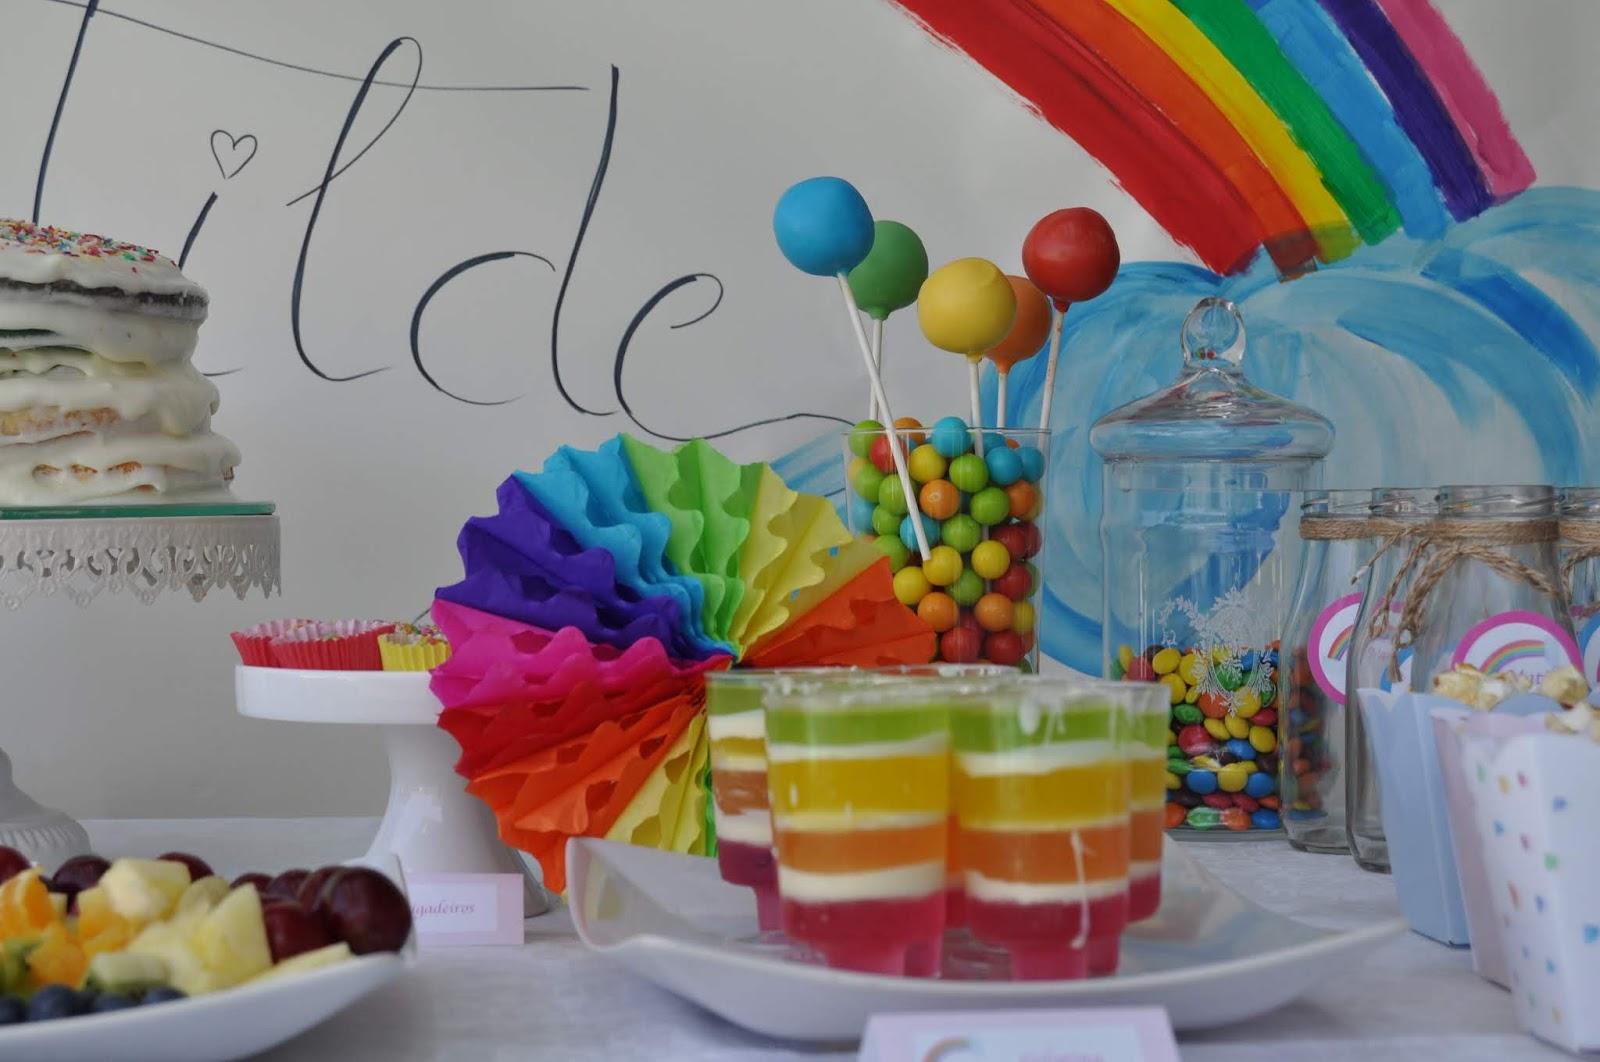 aniversario arco-íris rainbow birthday party